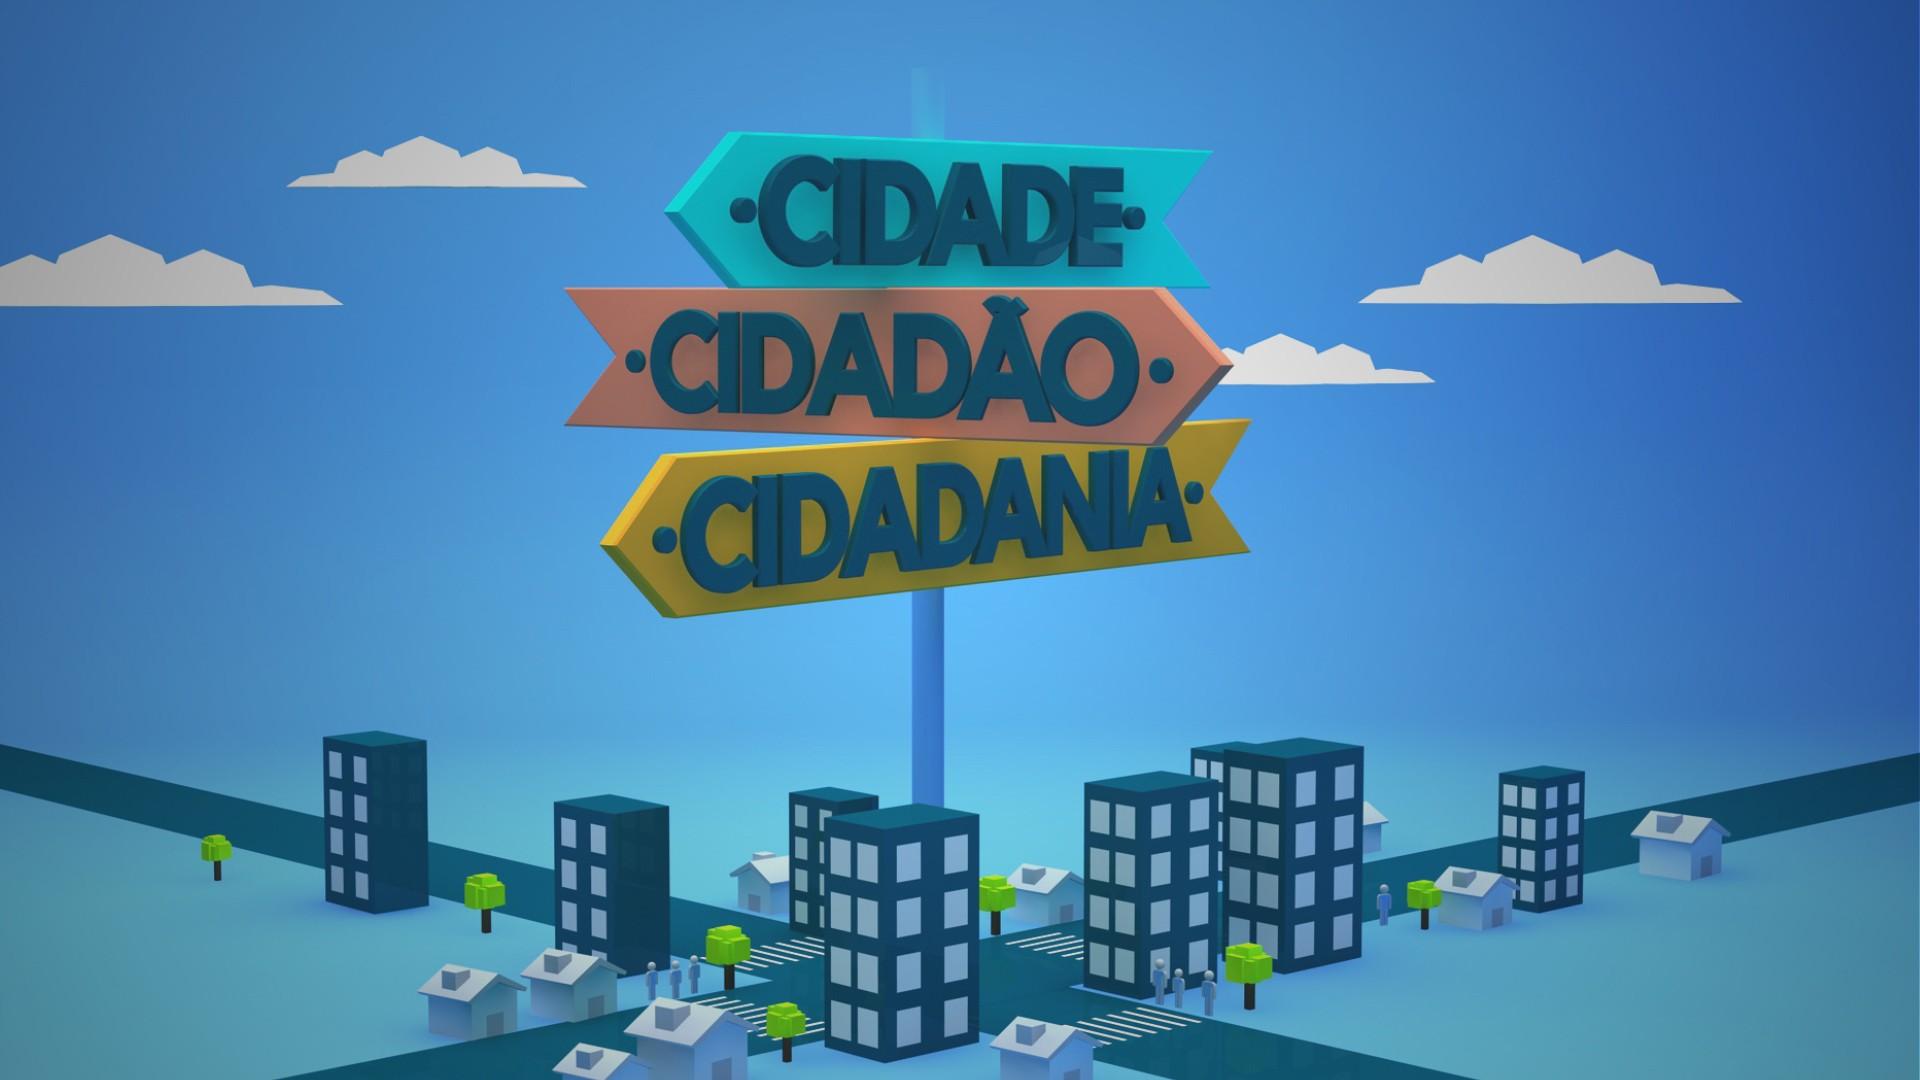 Cidade Cidadao Cidadania (Foto: Divulgação)